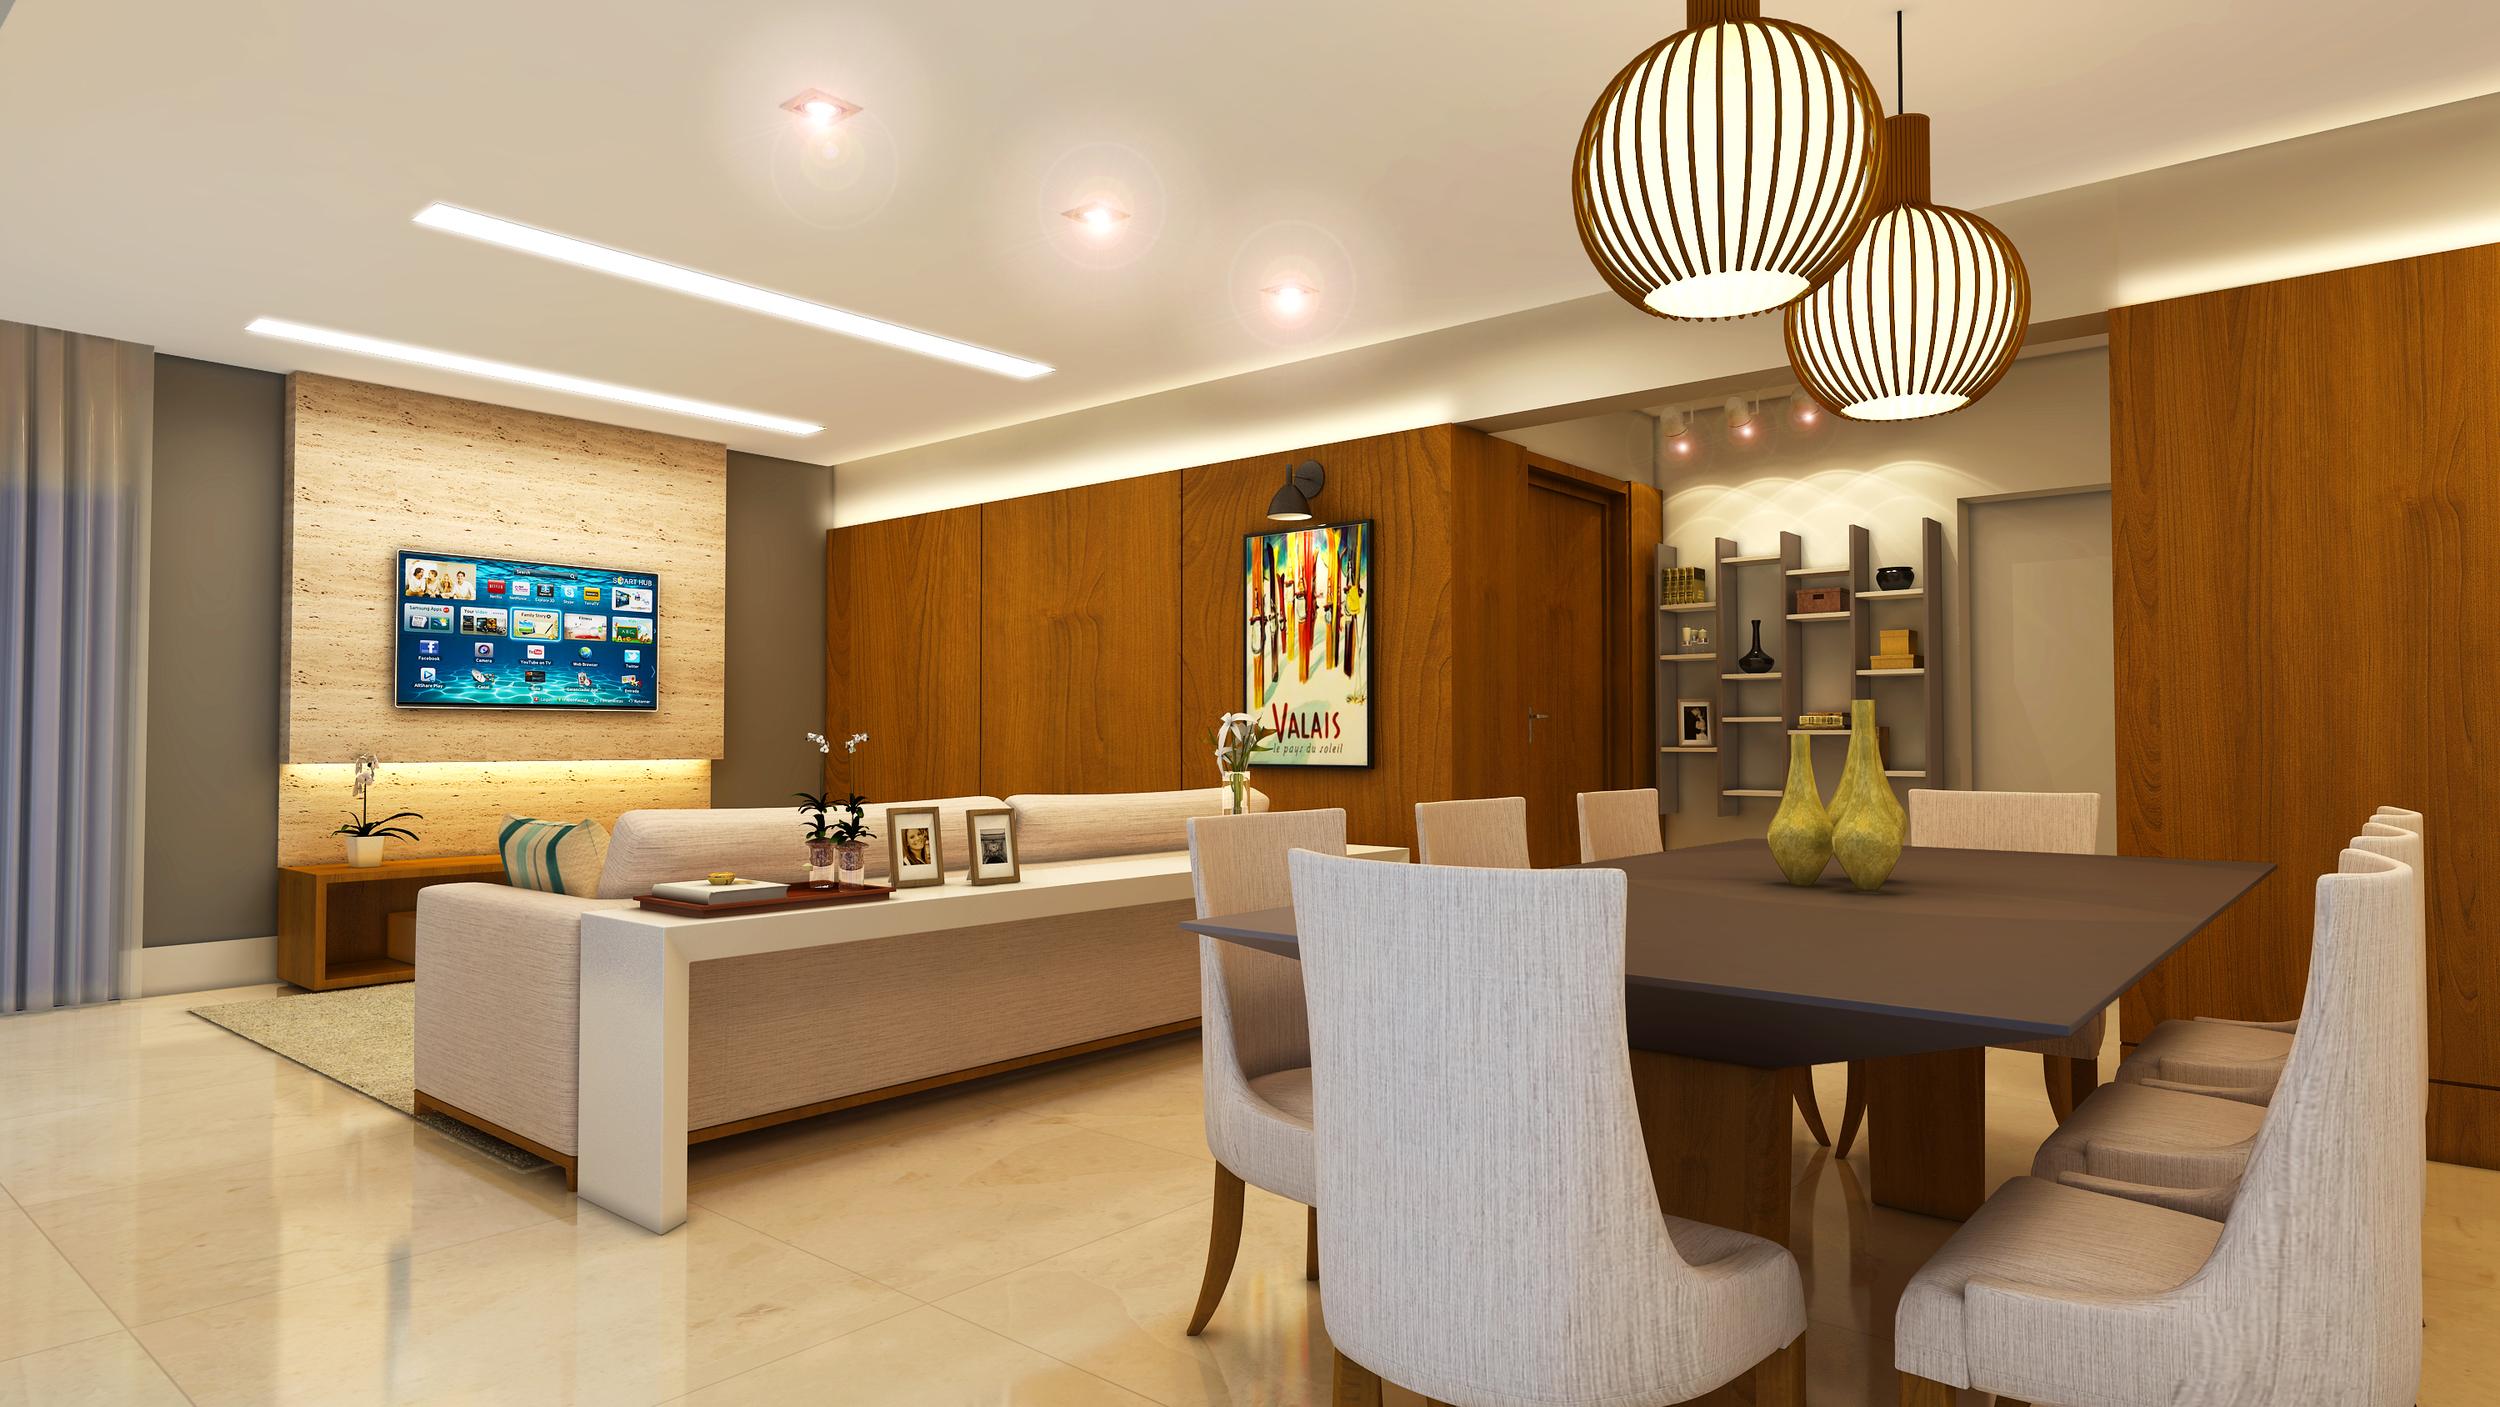 Living  Apartamento Pompéia - São Paulo / SP - 160 m2  Projeto: Madi Arquitetura & Design  Imagem: Érica Alfieri